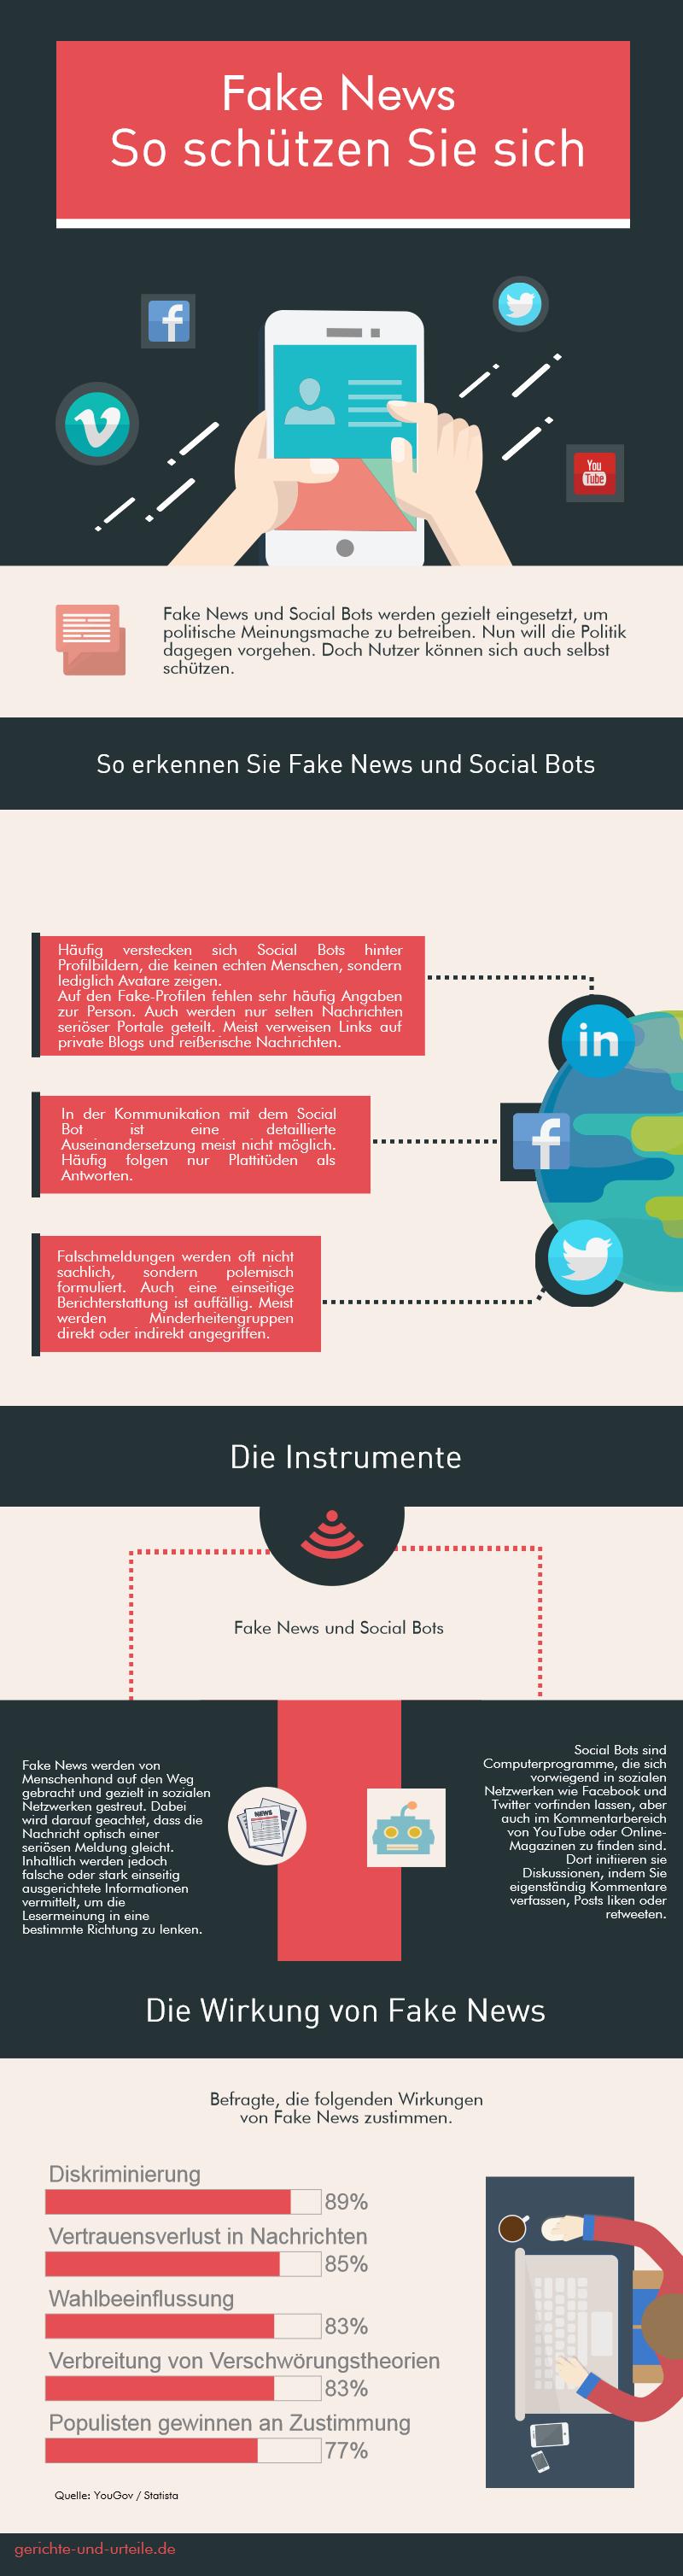 Infografik: Social Bots und Fake News: So können Nutzer sich schützen. Infografikquelle: eigene Darstellung